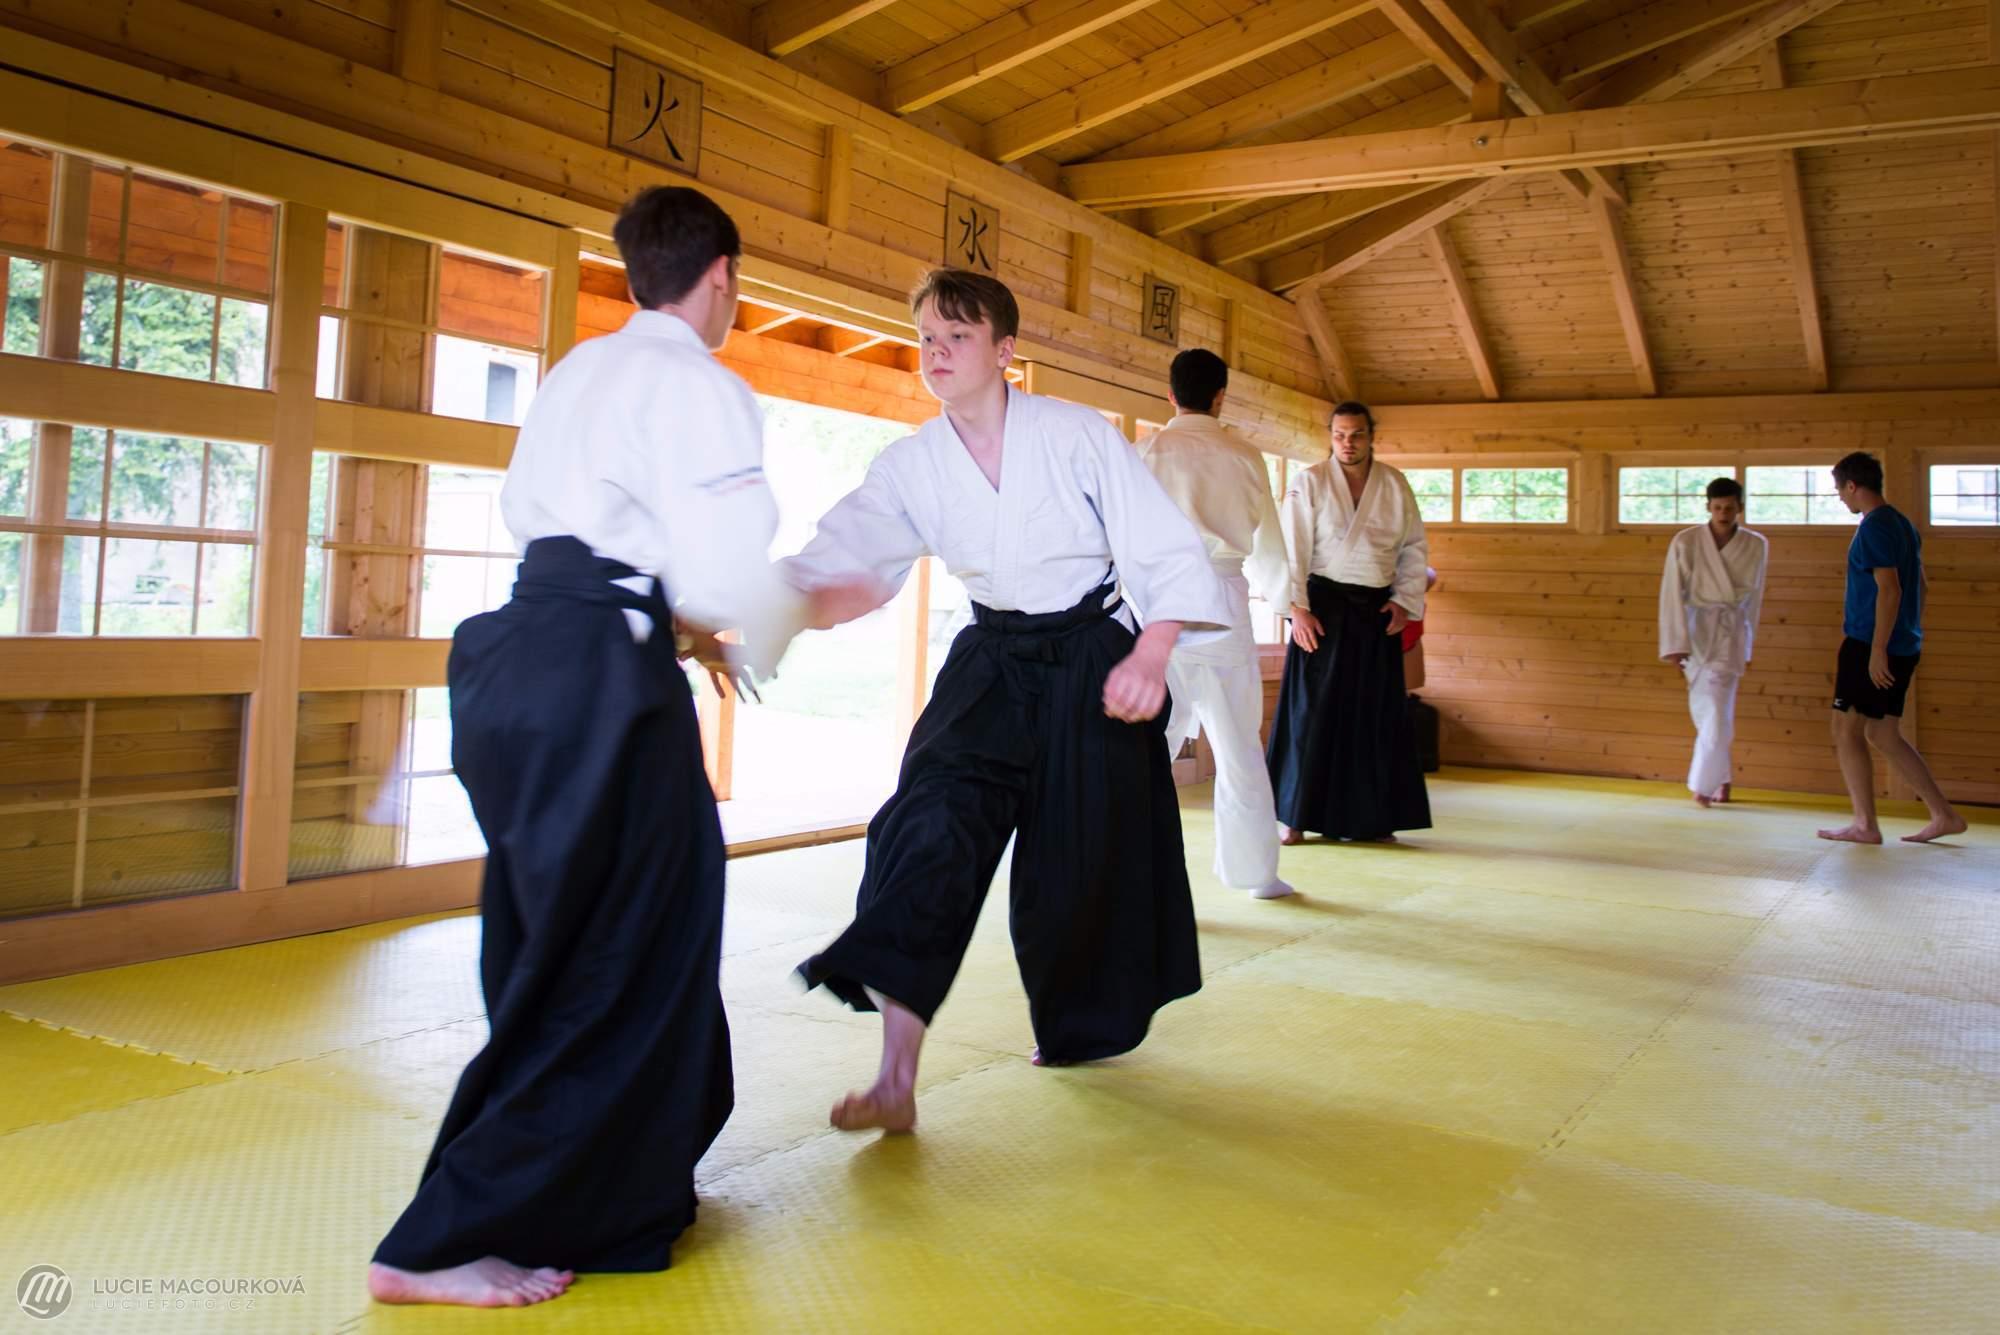 Přerovská škola bojového umění Ju Jutsu otevírá kurzy pro začátečníky